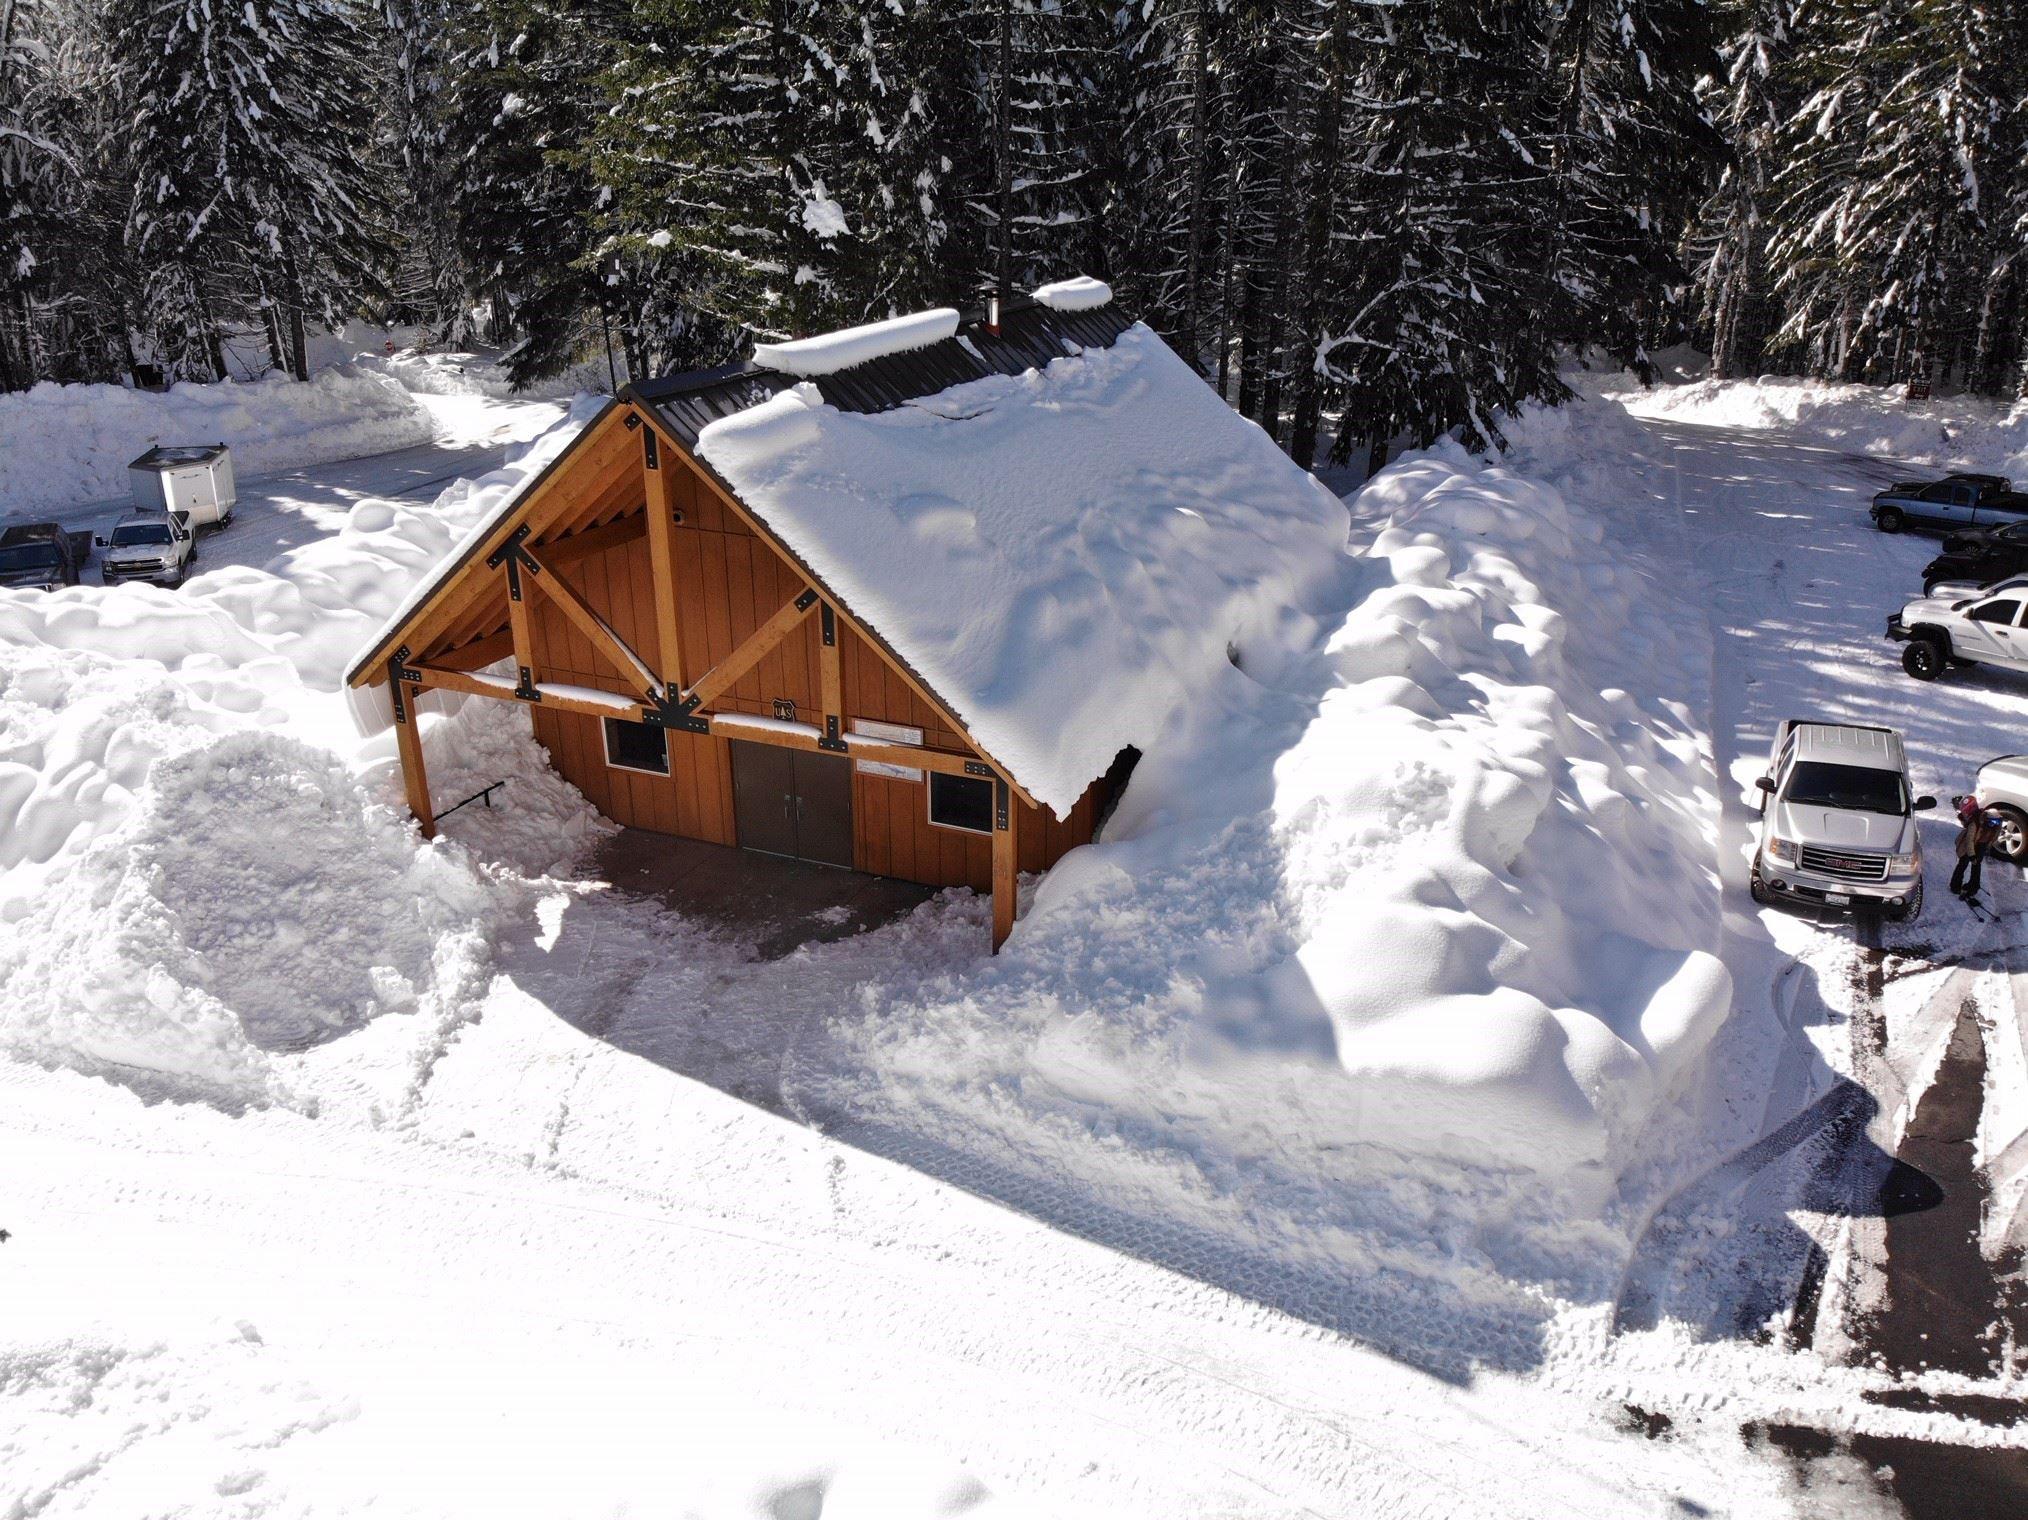 Marble Mountain Snow Park (2800')